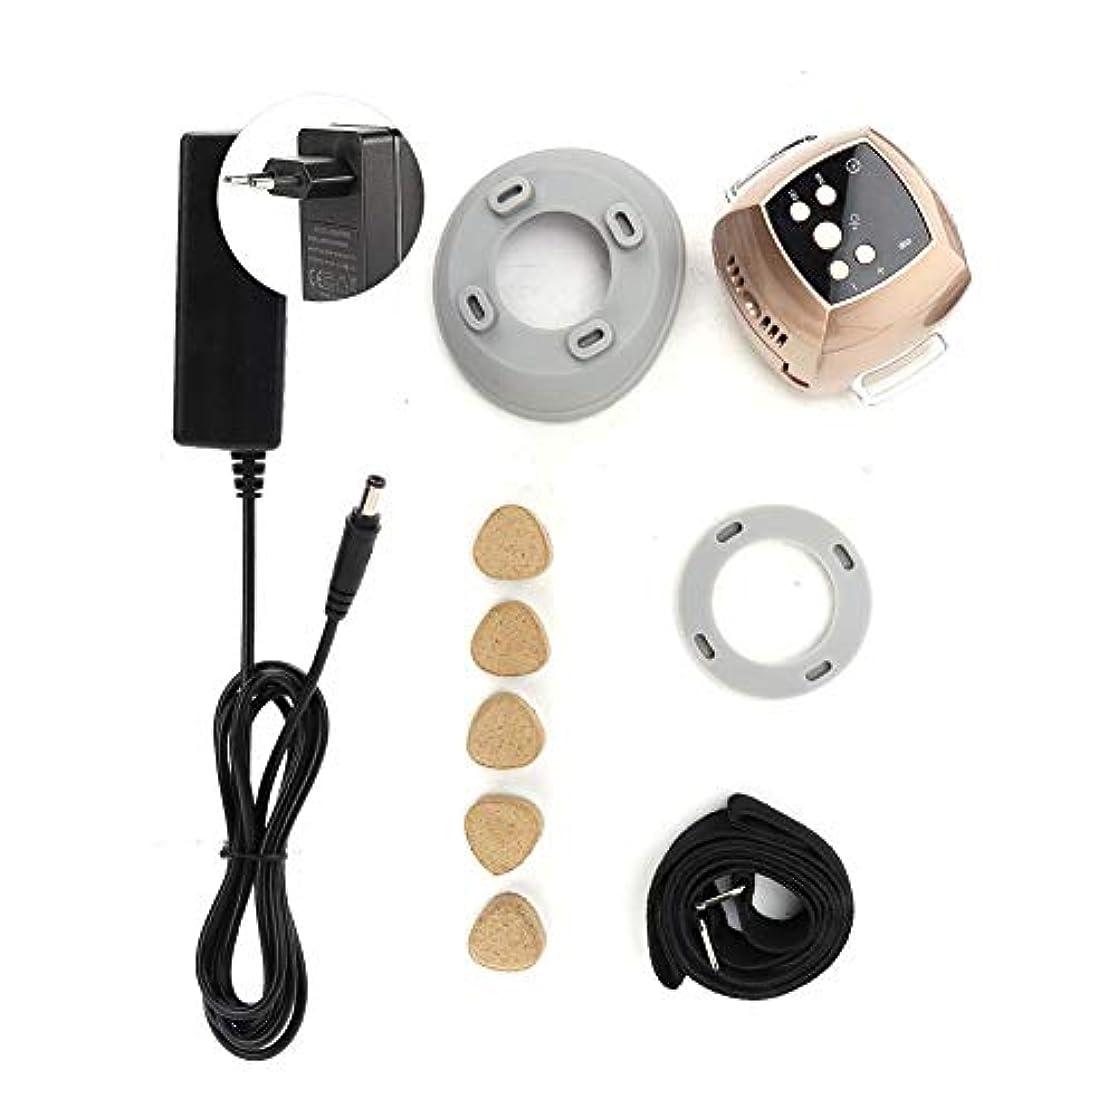 松おんどり浴室頸部肩ウエスト筋肉リラクゼーション、調節可能な灸電気マッサージのための熱ディープティッシュマッサージ付き加熱ネック電気マッサージ(#2)